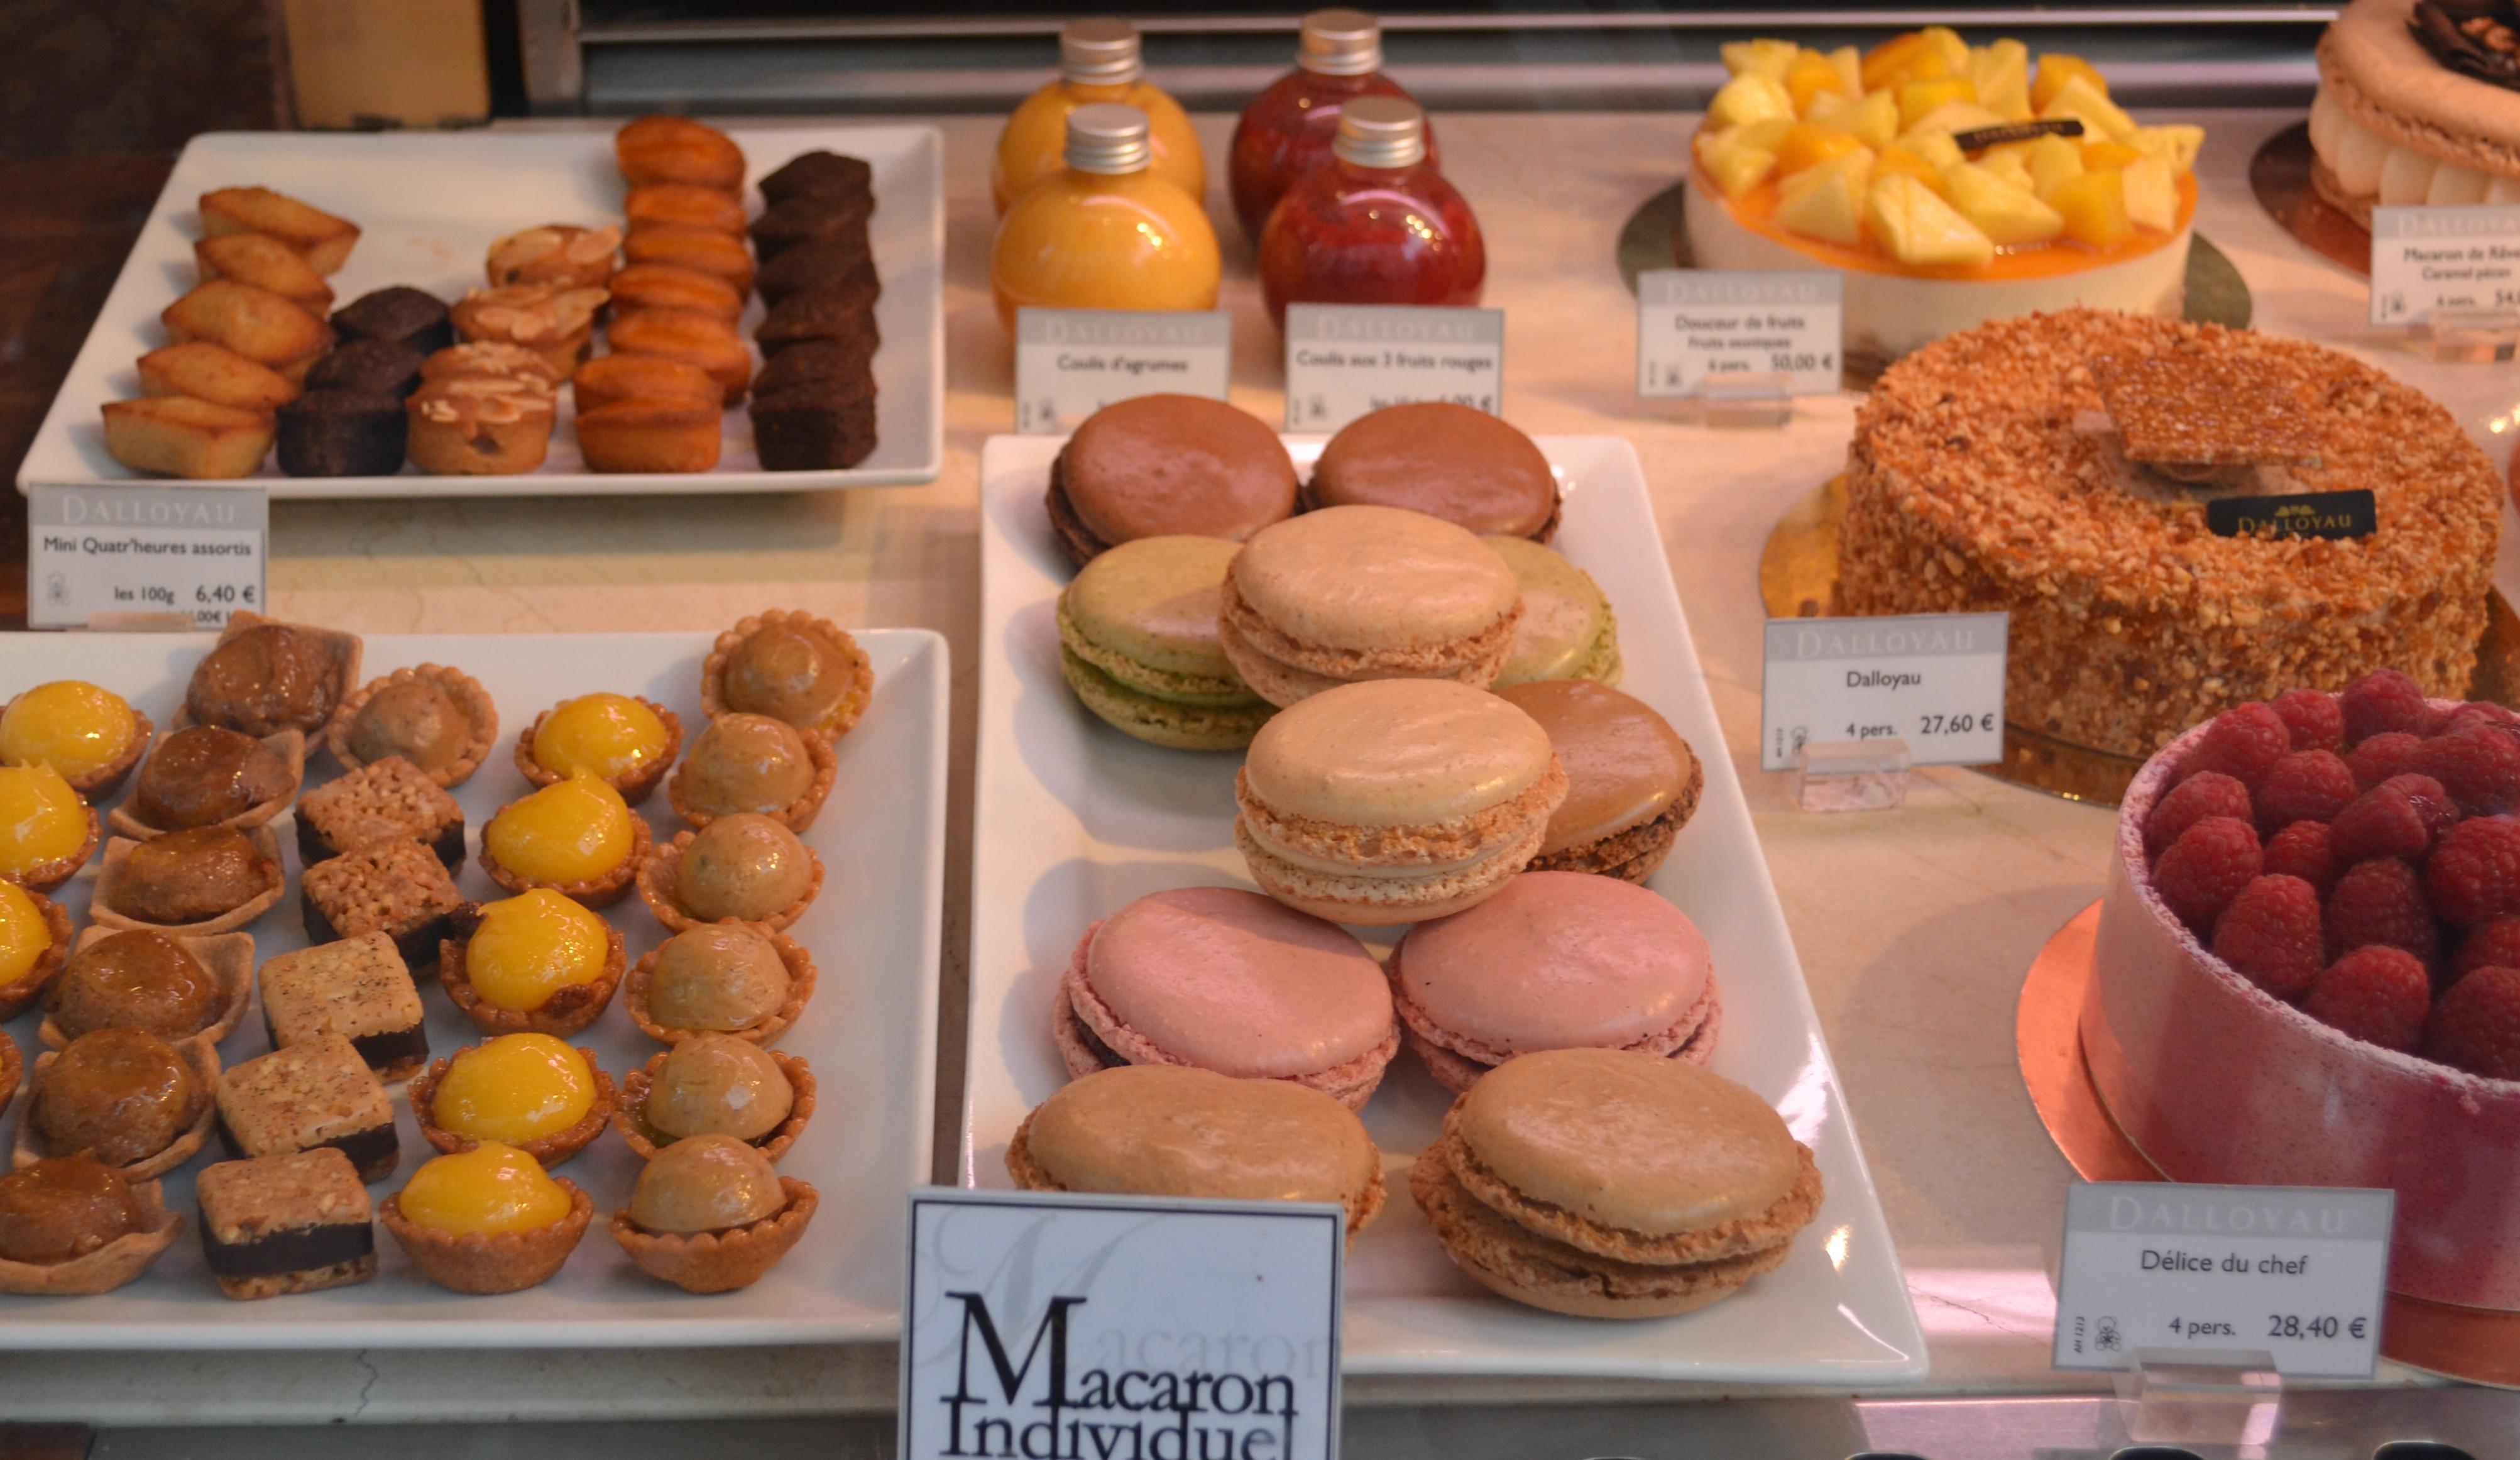 Marais Birthday Cakes Prices